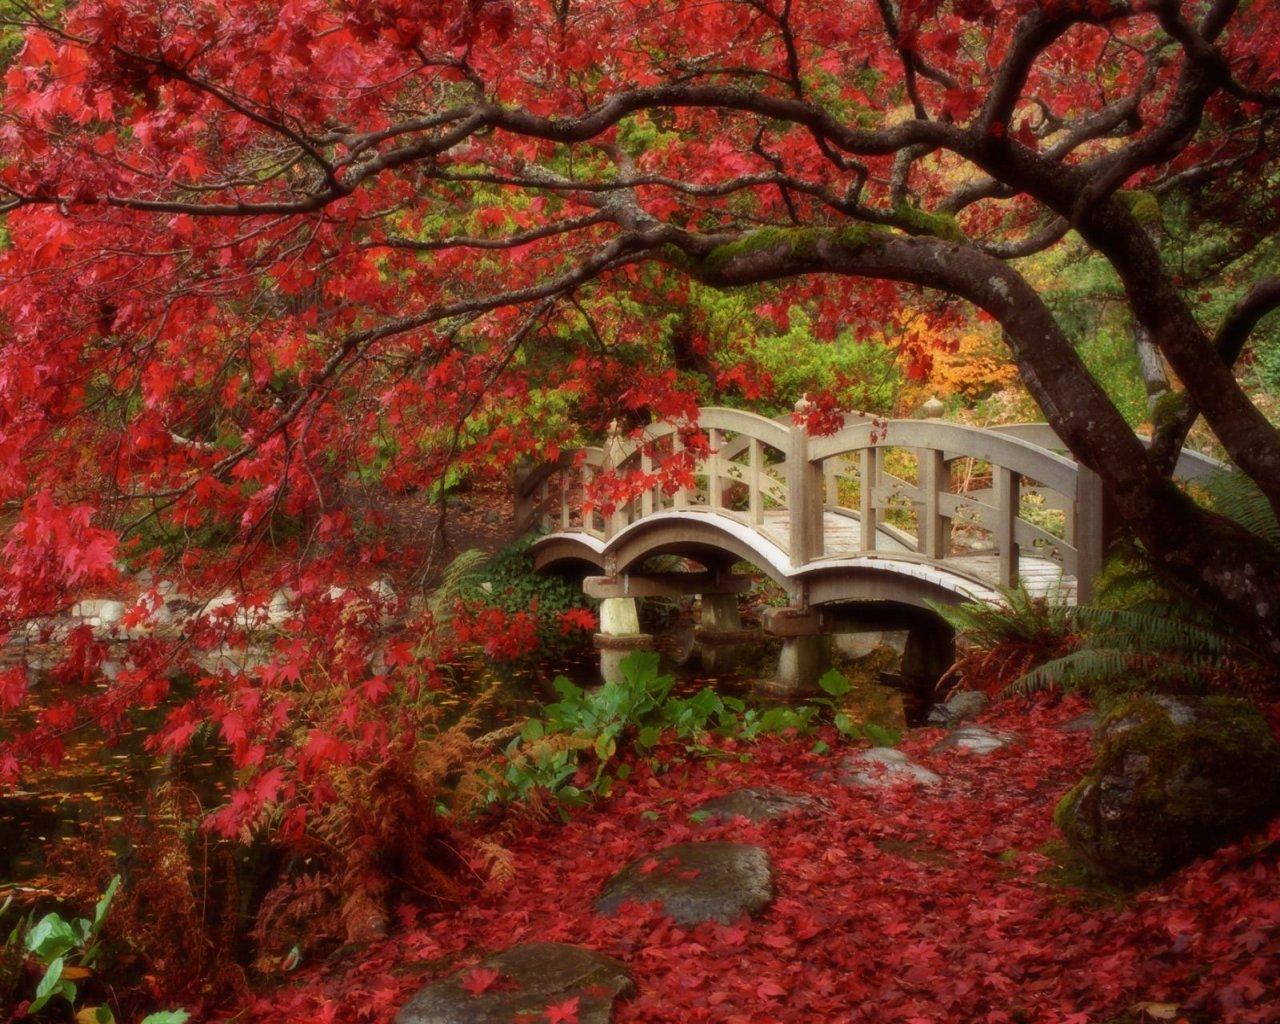 Paisajes del mundo - Página 2 Jardin_japones-paisaje+de+japon